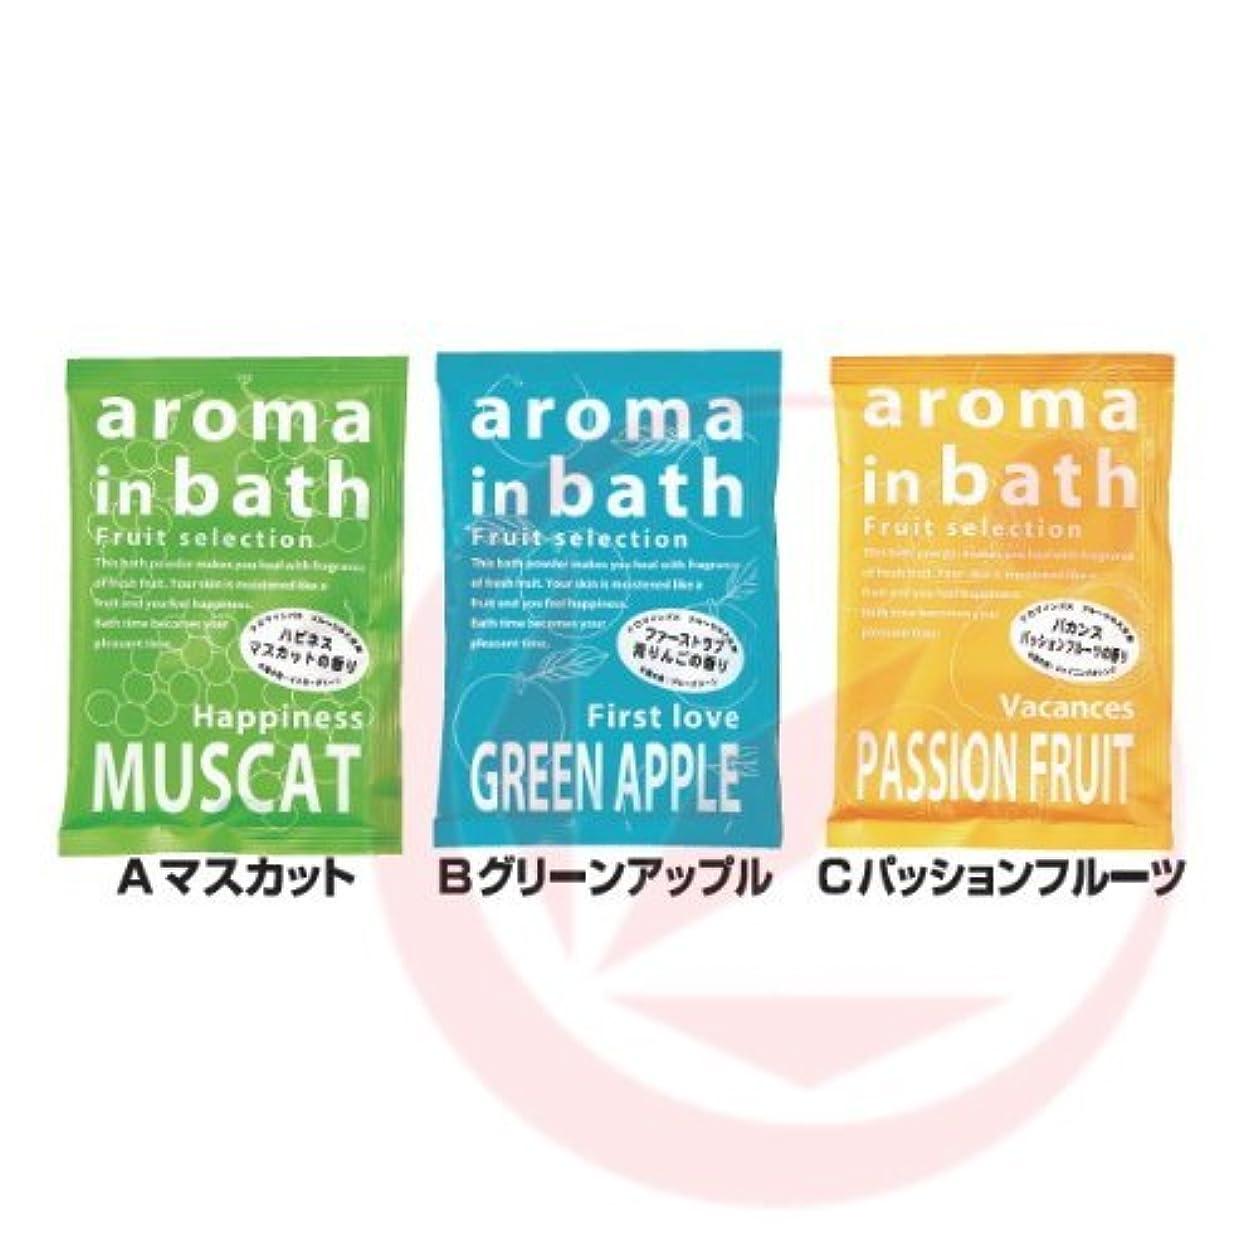 粉体入浴剤アロマインバス25g 48袋入り(3種類 各16袋)